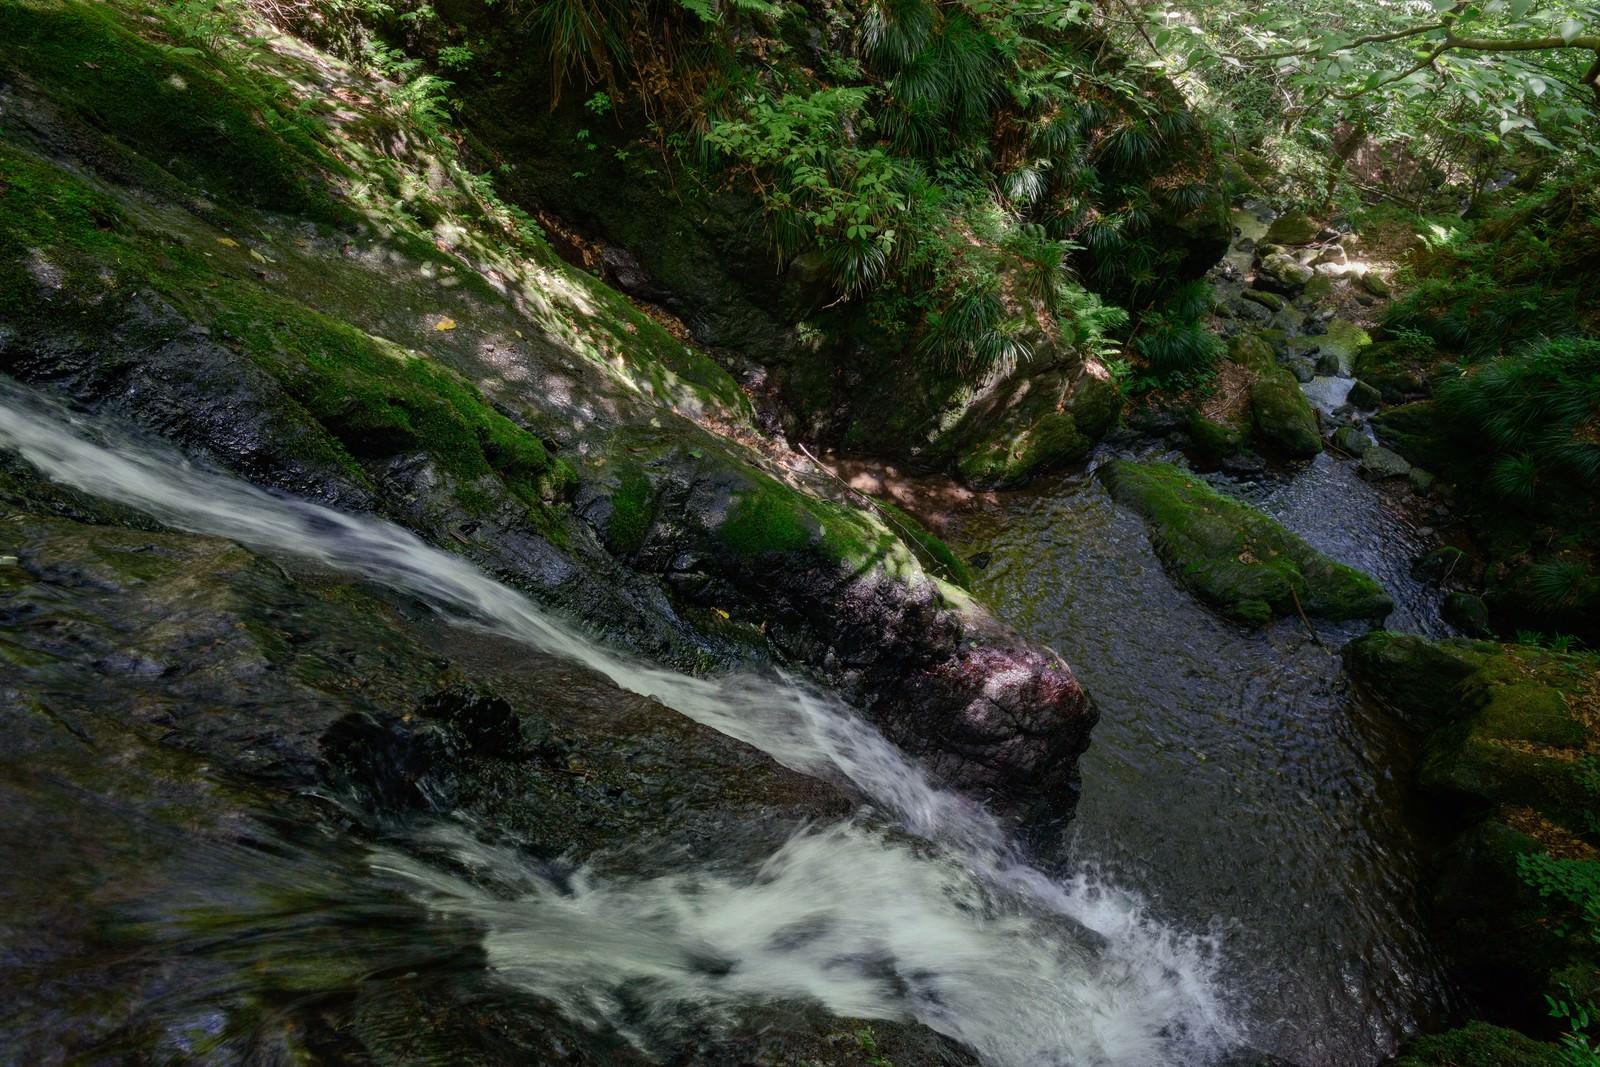 「岩場を流れるきれいな水岩場を流れるきれいな水」のフリー写真素材を拡大